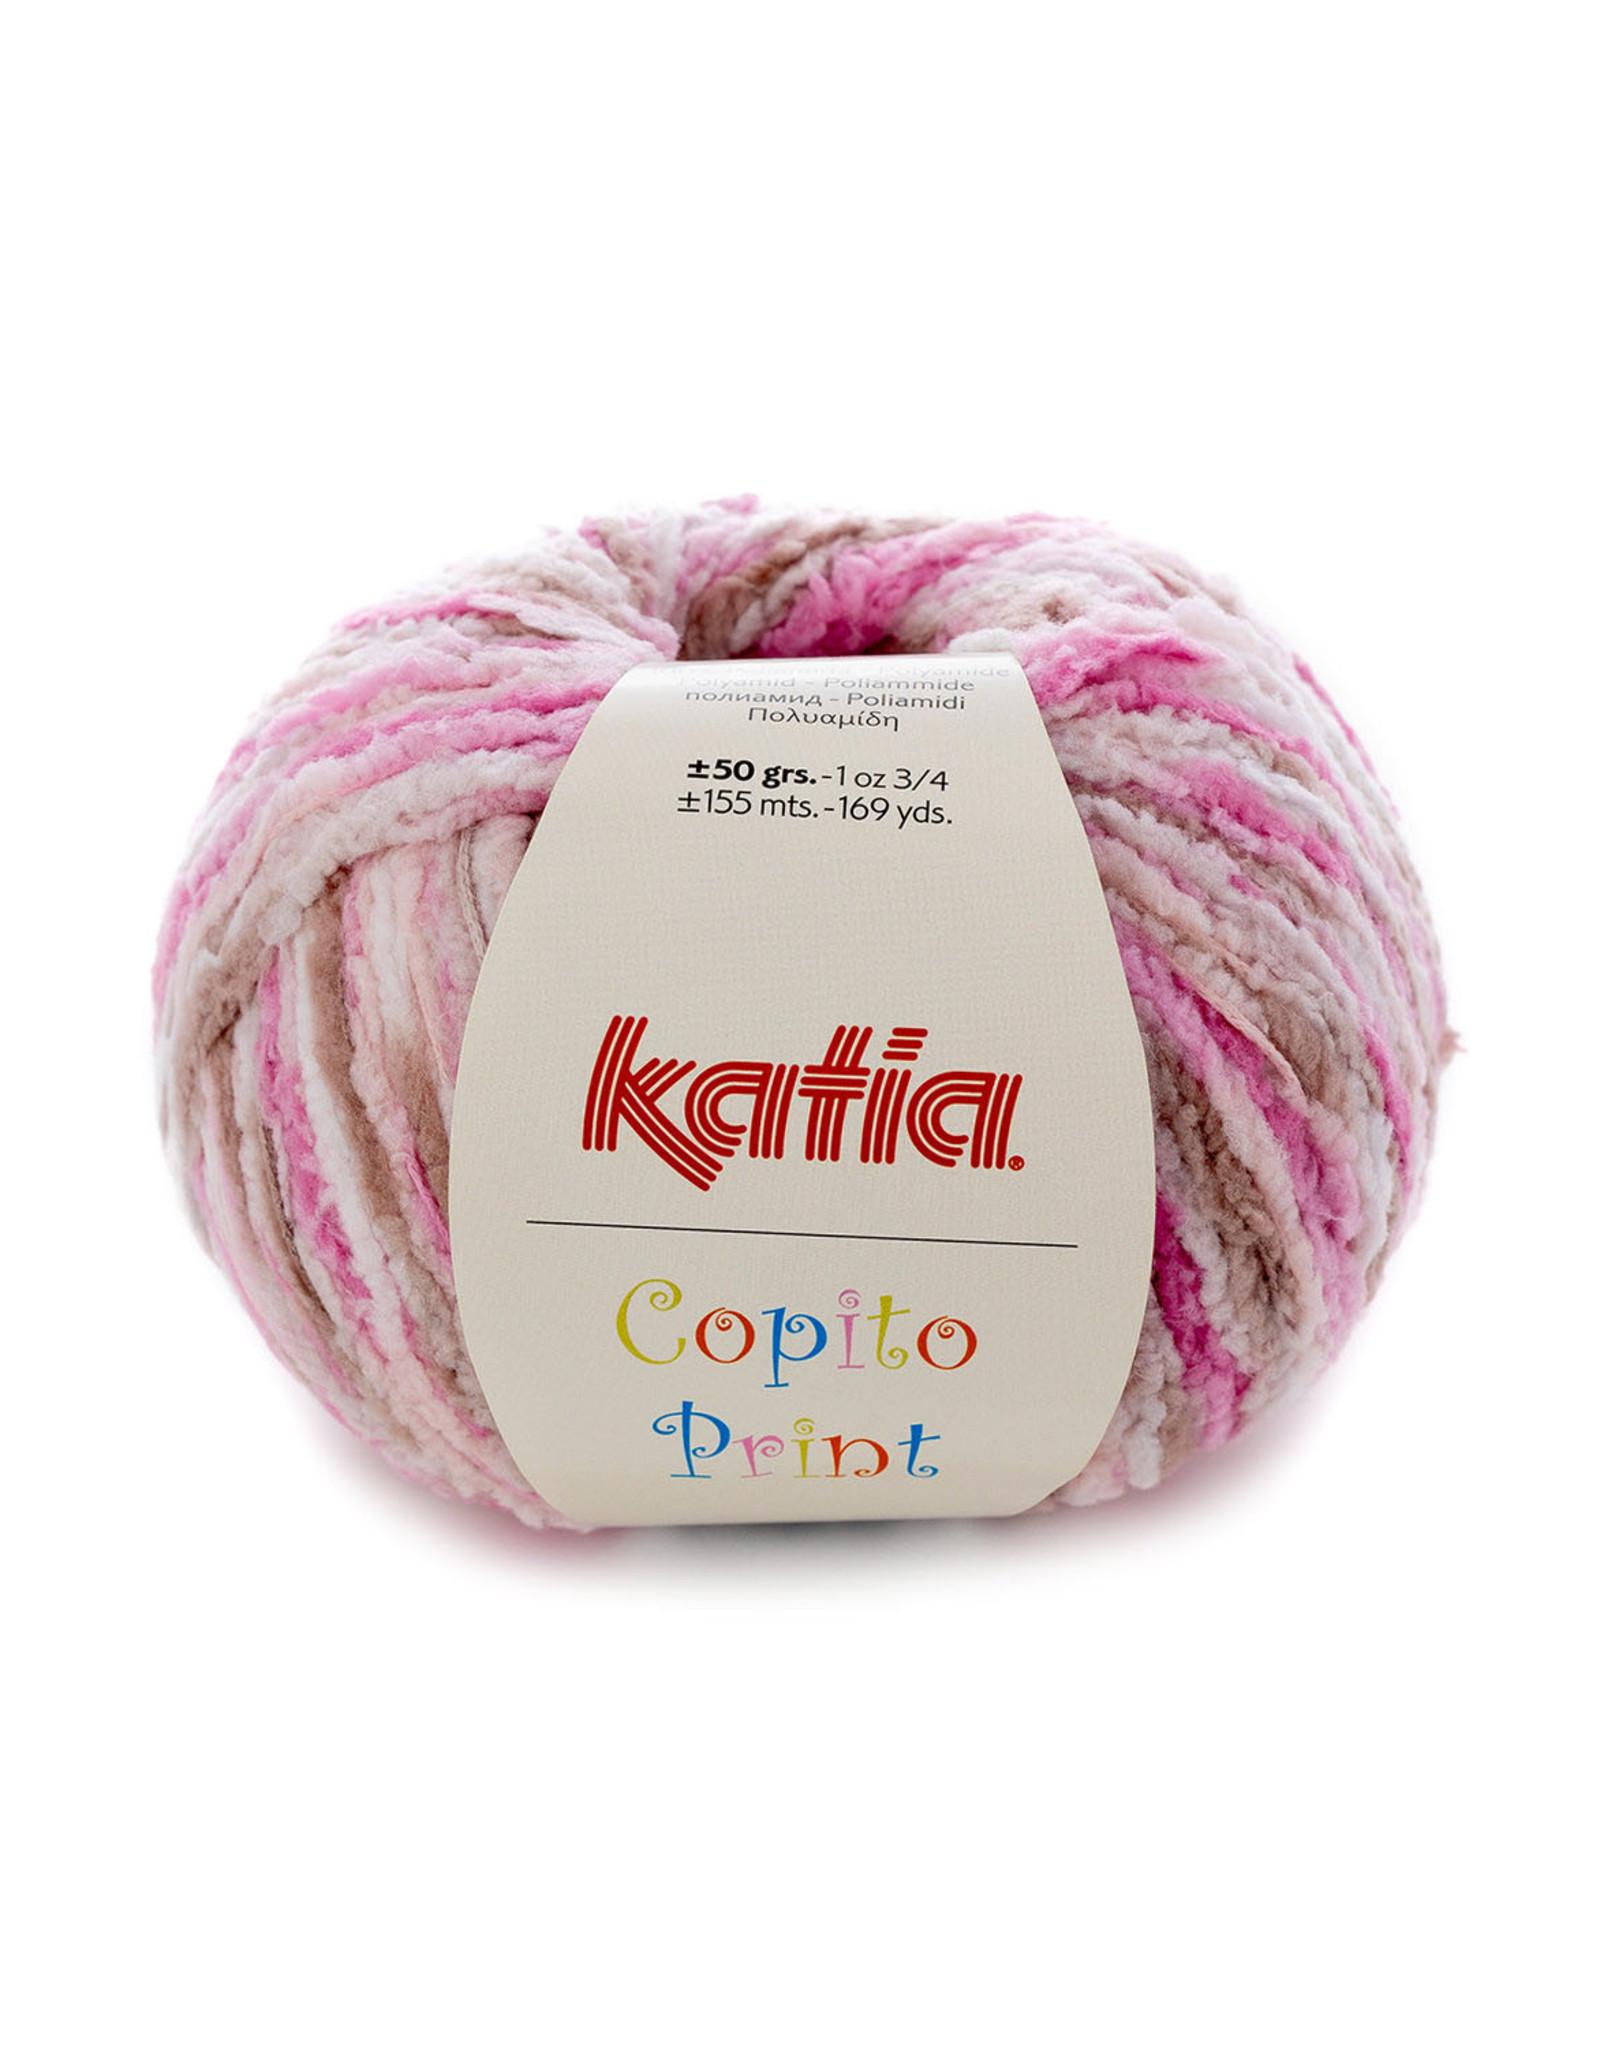 Katia Katia Copito Print 100 Bleekrood-Wit-Beige